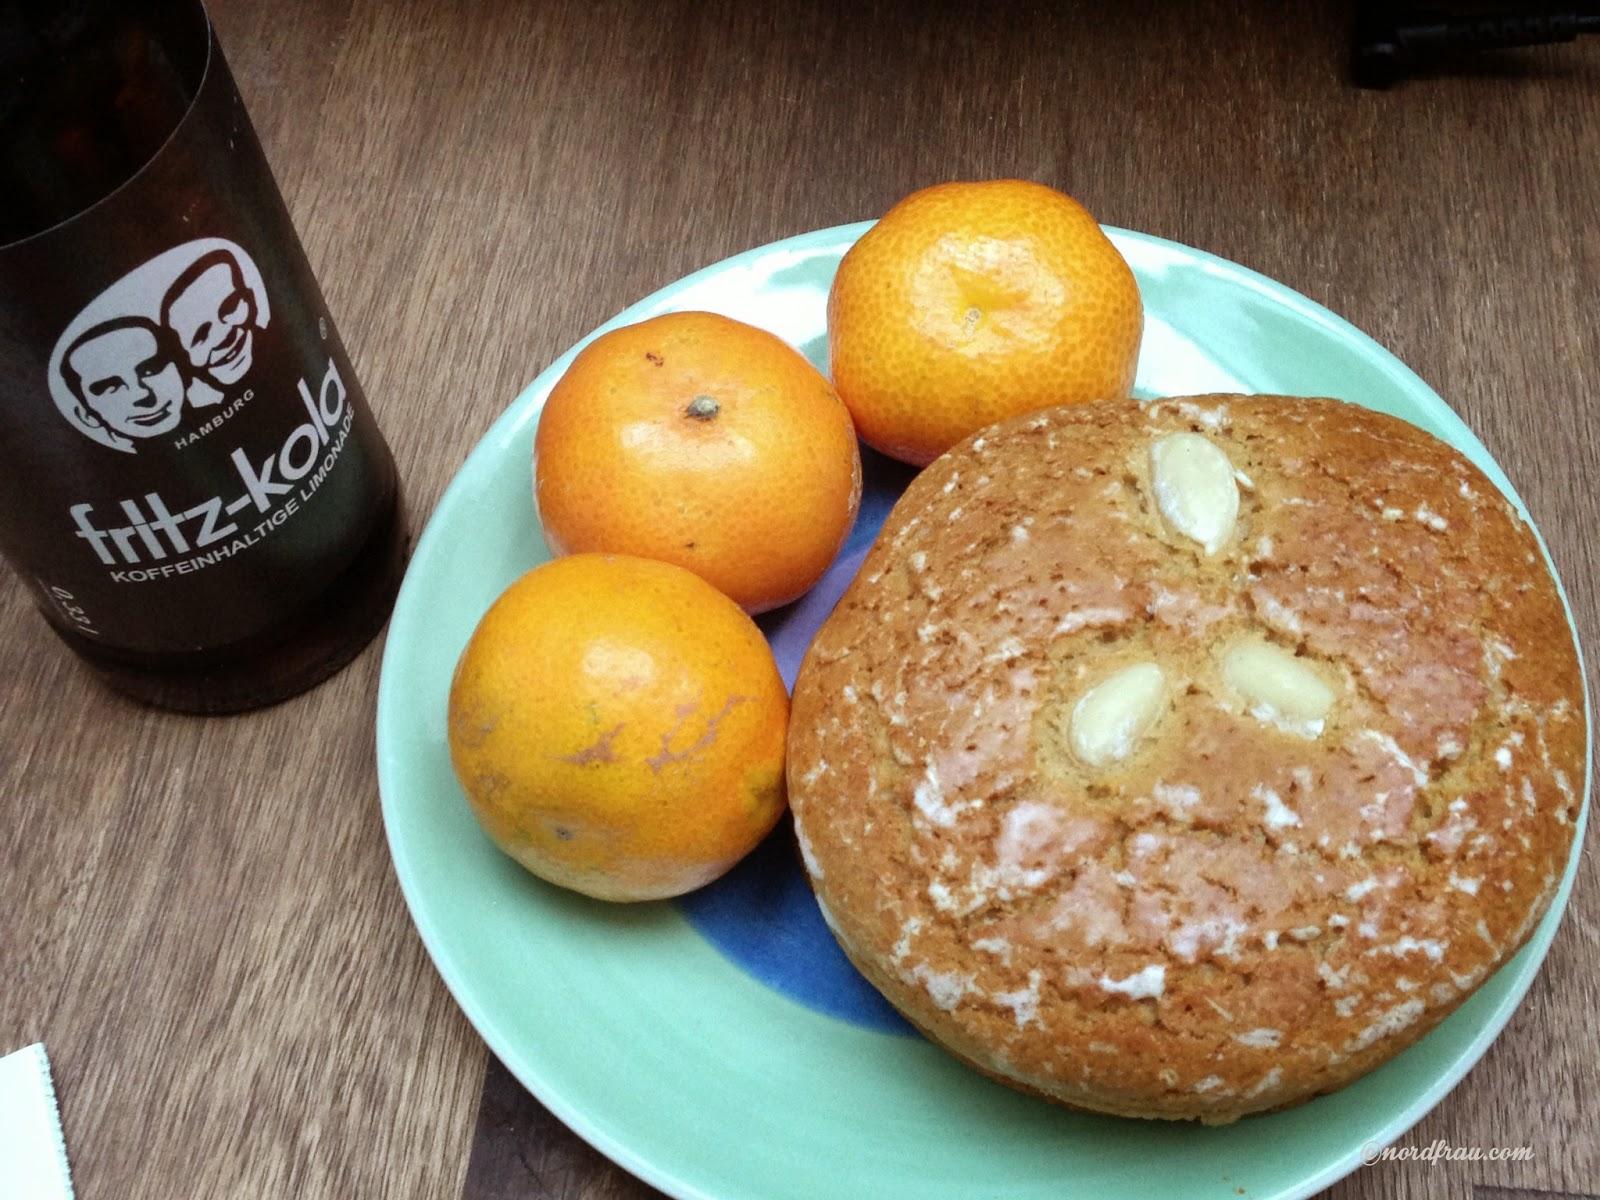 Teller mit Lebkuchen und Mandarinen, Flasche Fritz-kola